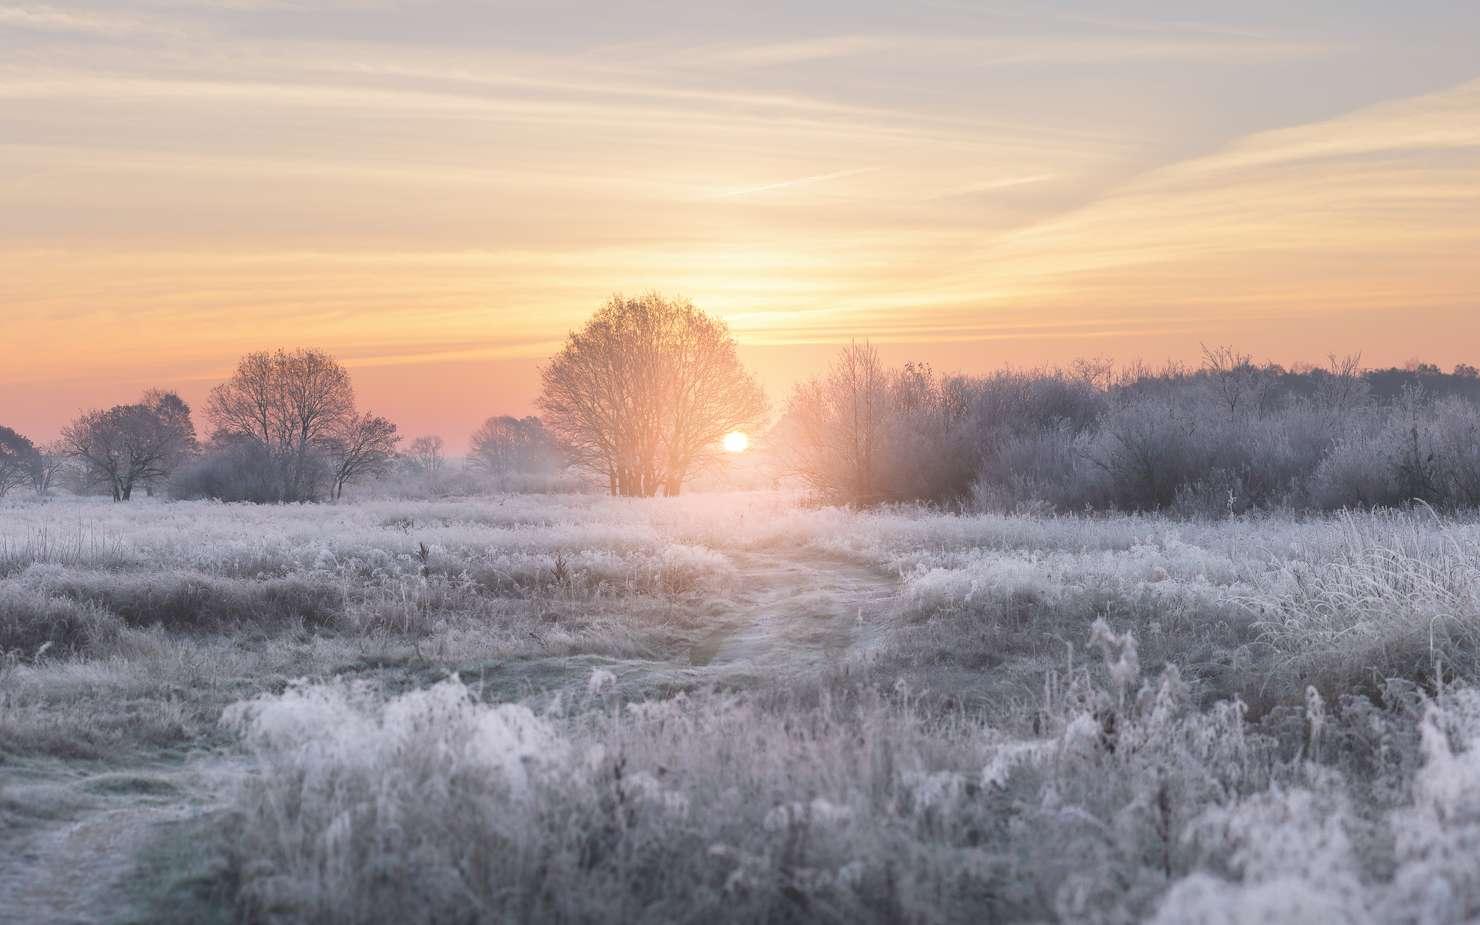 Le solstice d'hiver marque le premier jour de l'hiver. © PixieMe, Fotolia